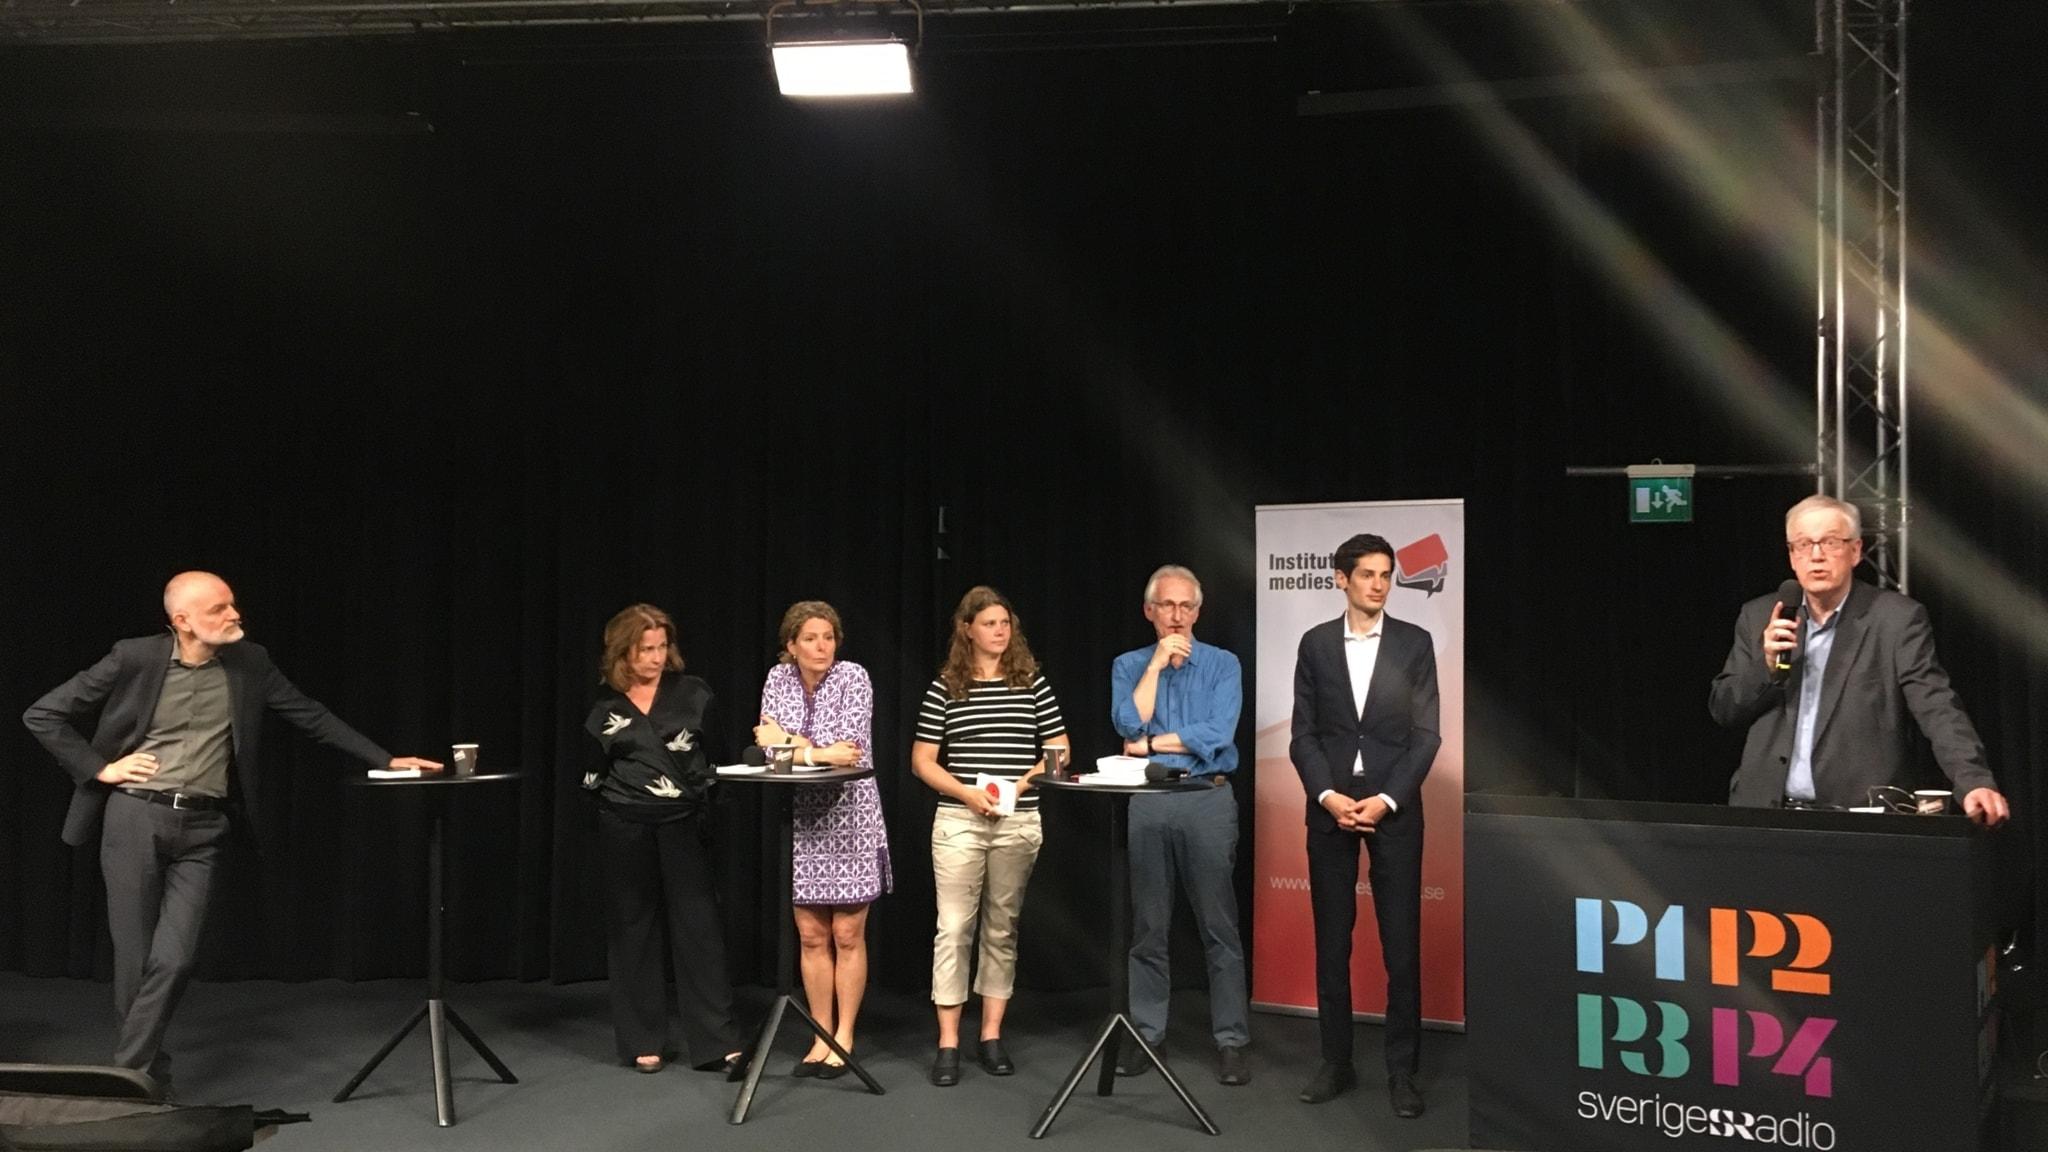 Från vänster: Lars Truedson (moderator), Anna Hedemo, Cilla Benkö, Ulrika Andersson, Torbjörn von Krogh, Peter Wolodarski och Lennart Weibull